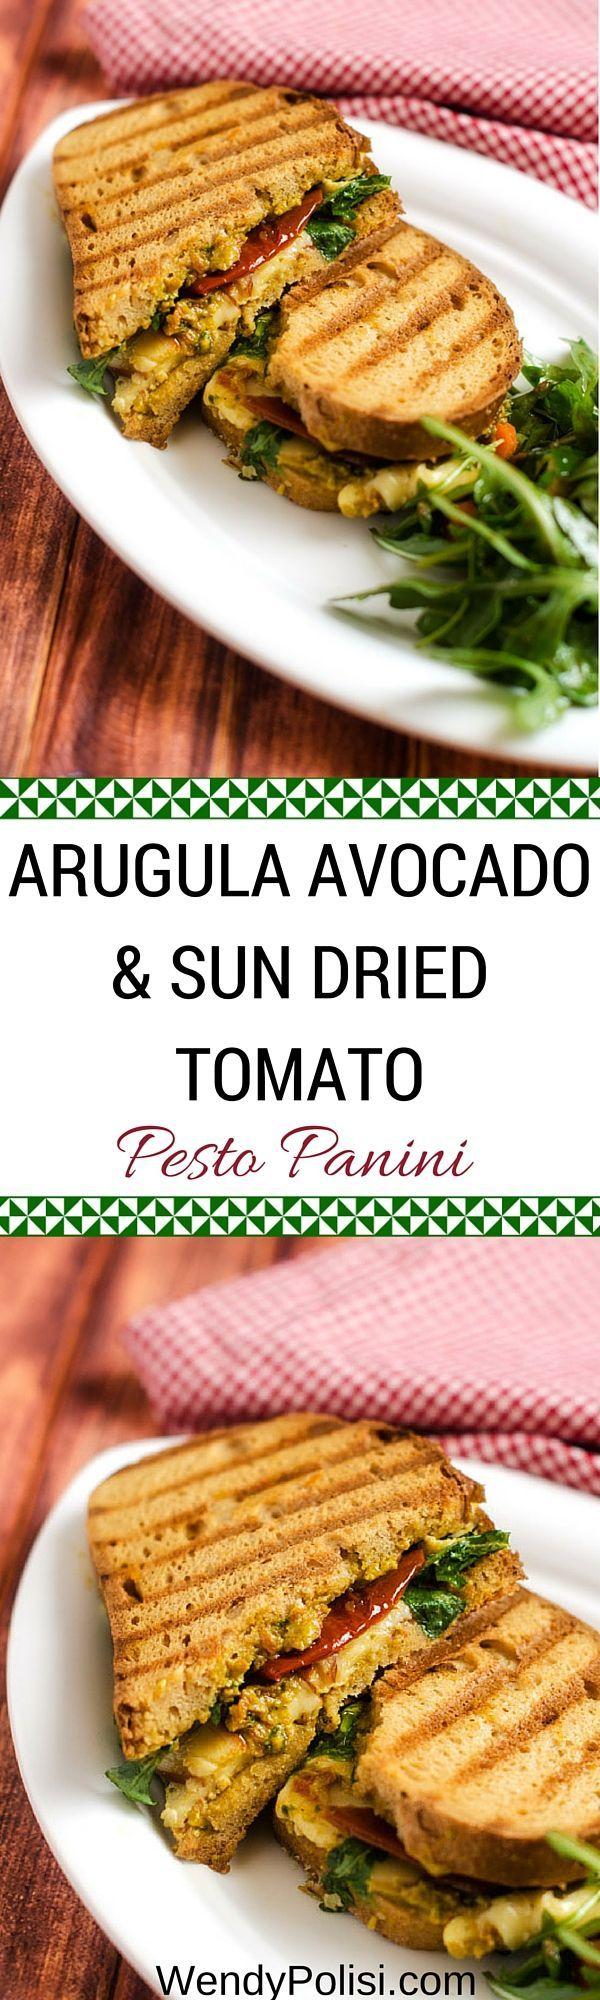 Zon gedroogde tomaat, rucola en avocado Pesto Panini - Een gezonde glutenvrij lunch of diner recept! Zo simpel maar zo goed!